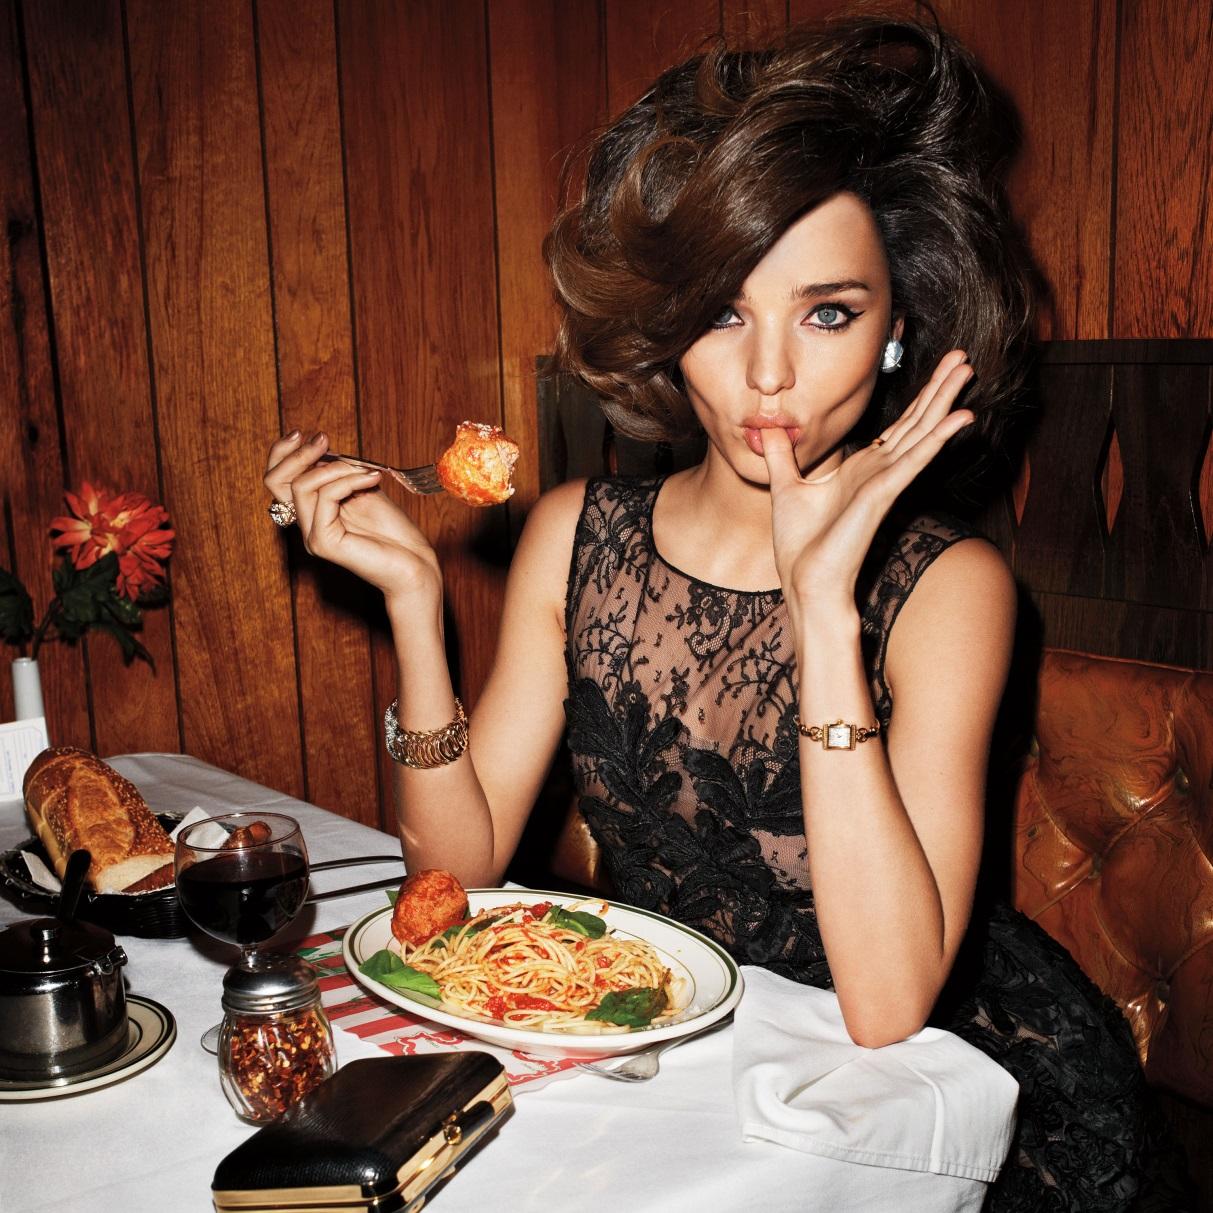 предварительной версии, фотосессия в шикарном ресторане что началу девятнадцатого